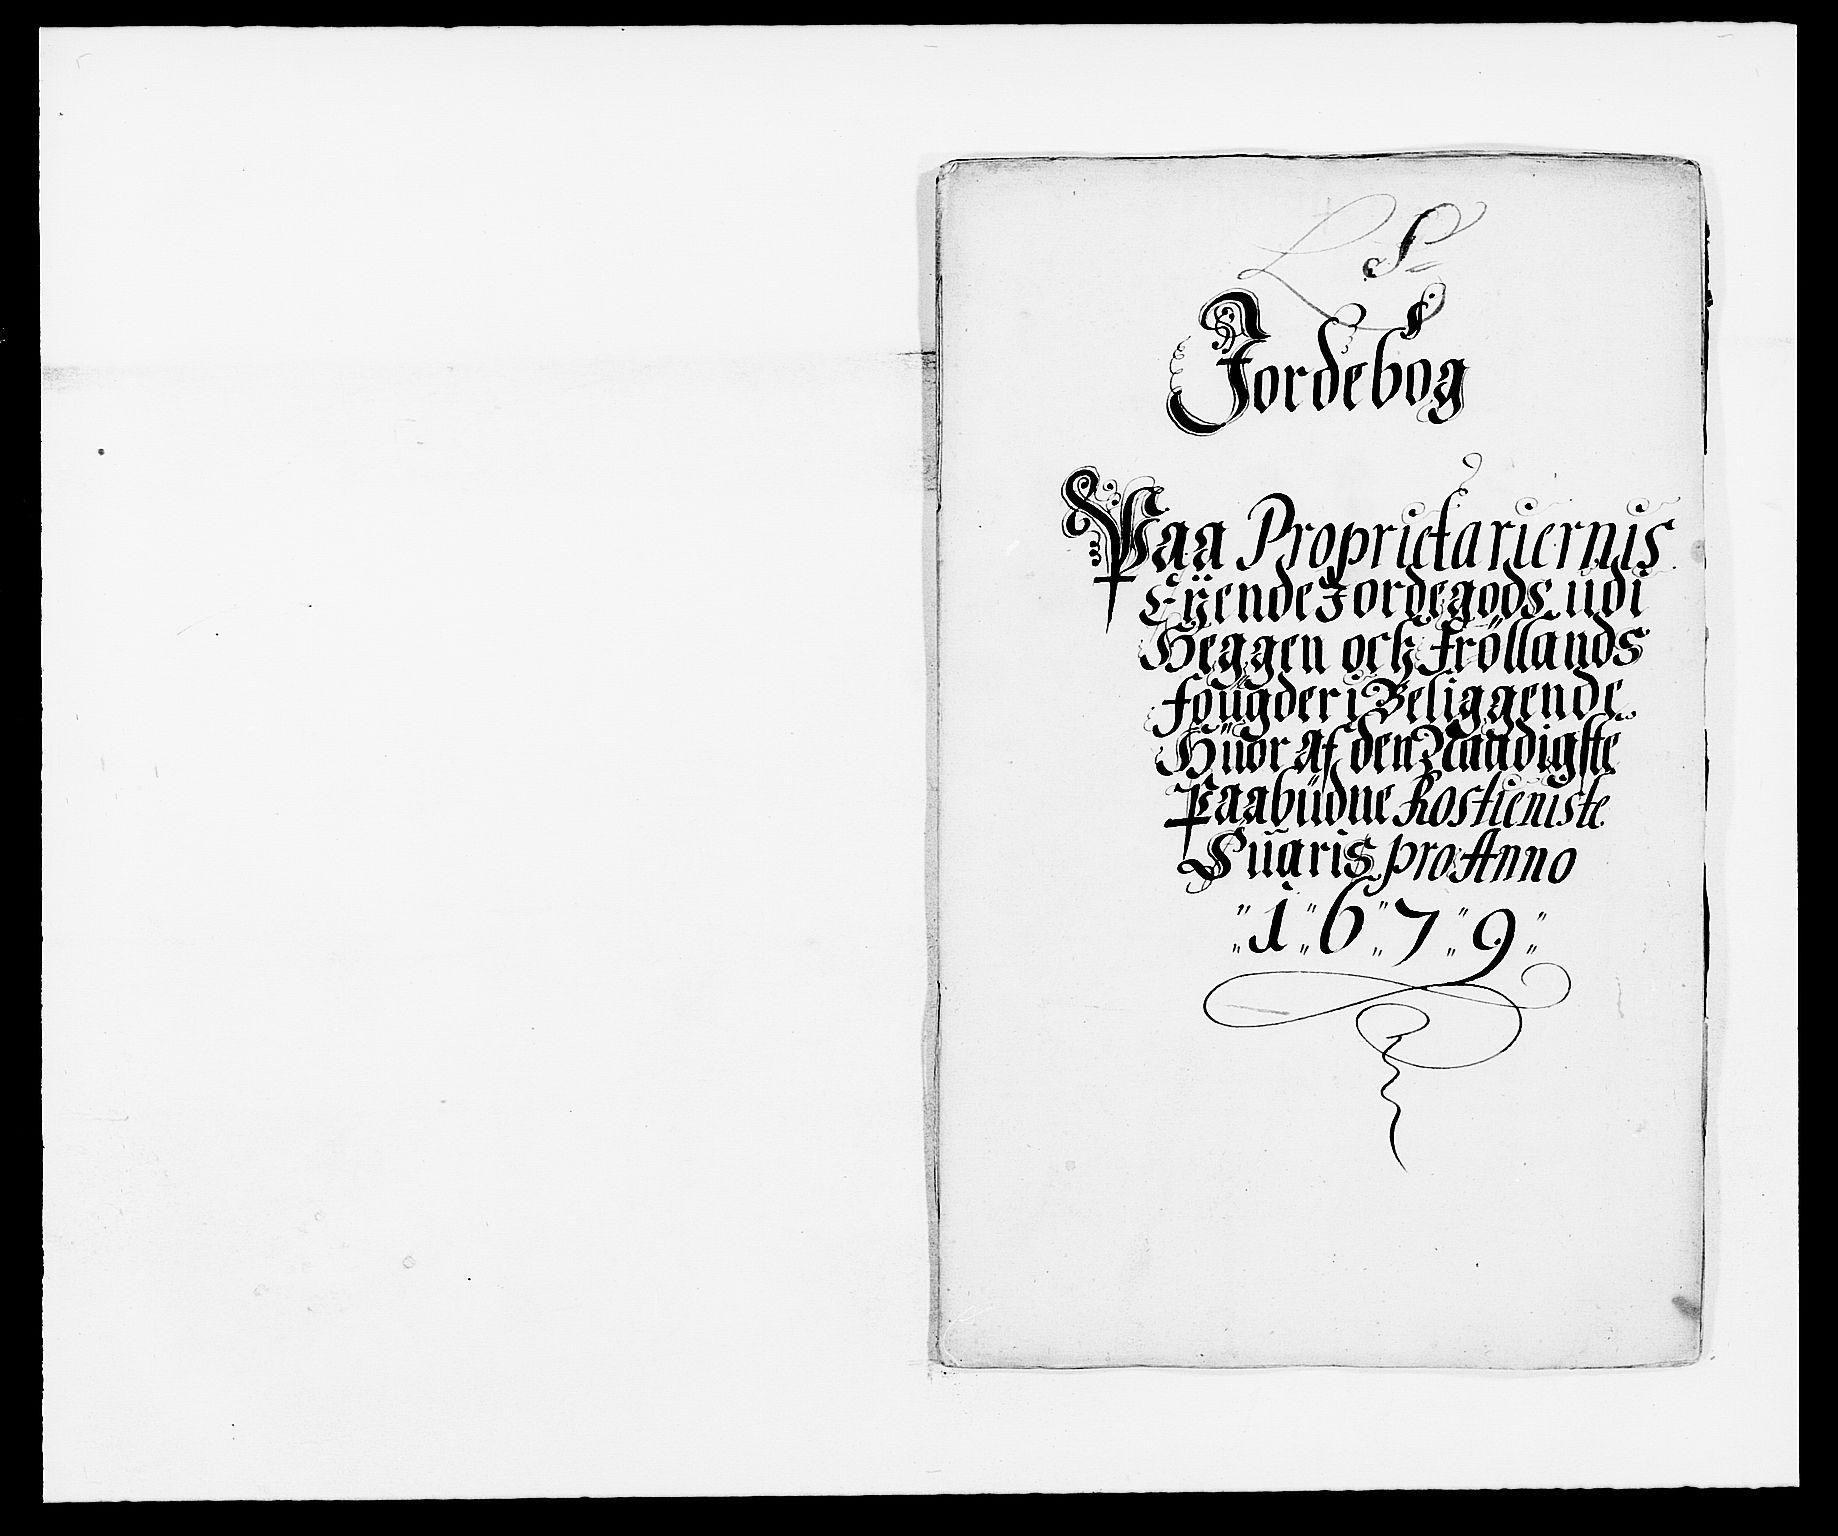 RA, Rentekammeret inntil 1814, Reviderte regnskaper, Fogderegnskap, R06/L0279: Fogderegnskap Heggen og Frøland, 1678-1680, s. 354